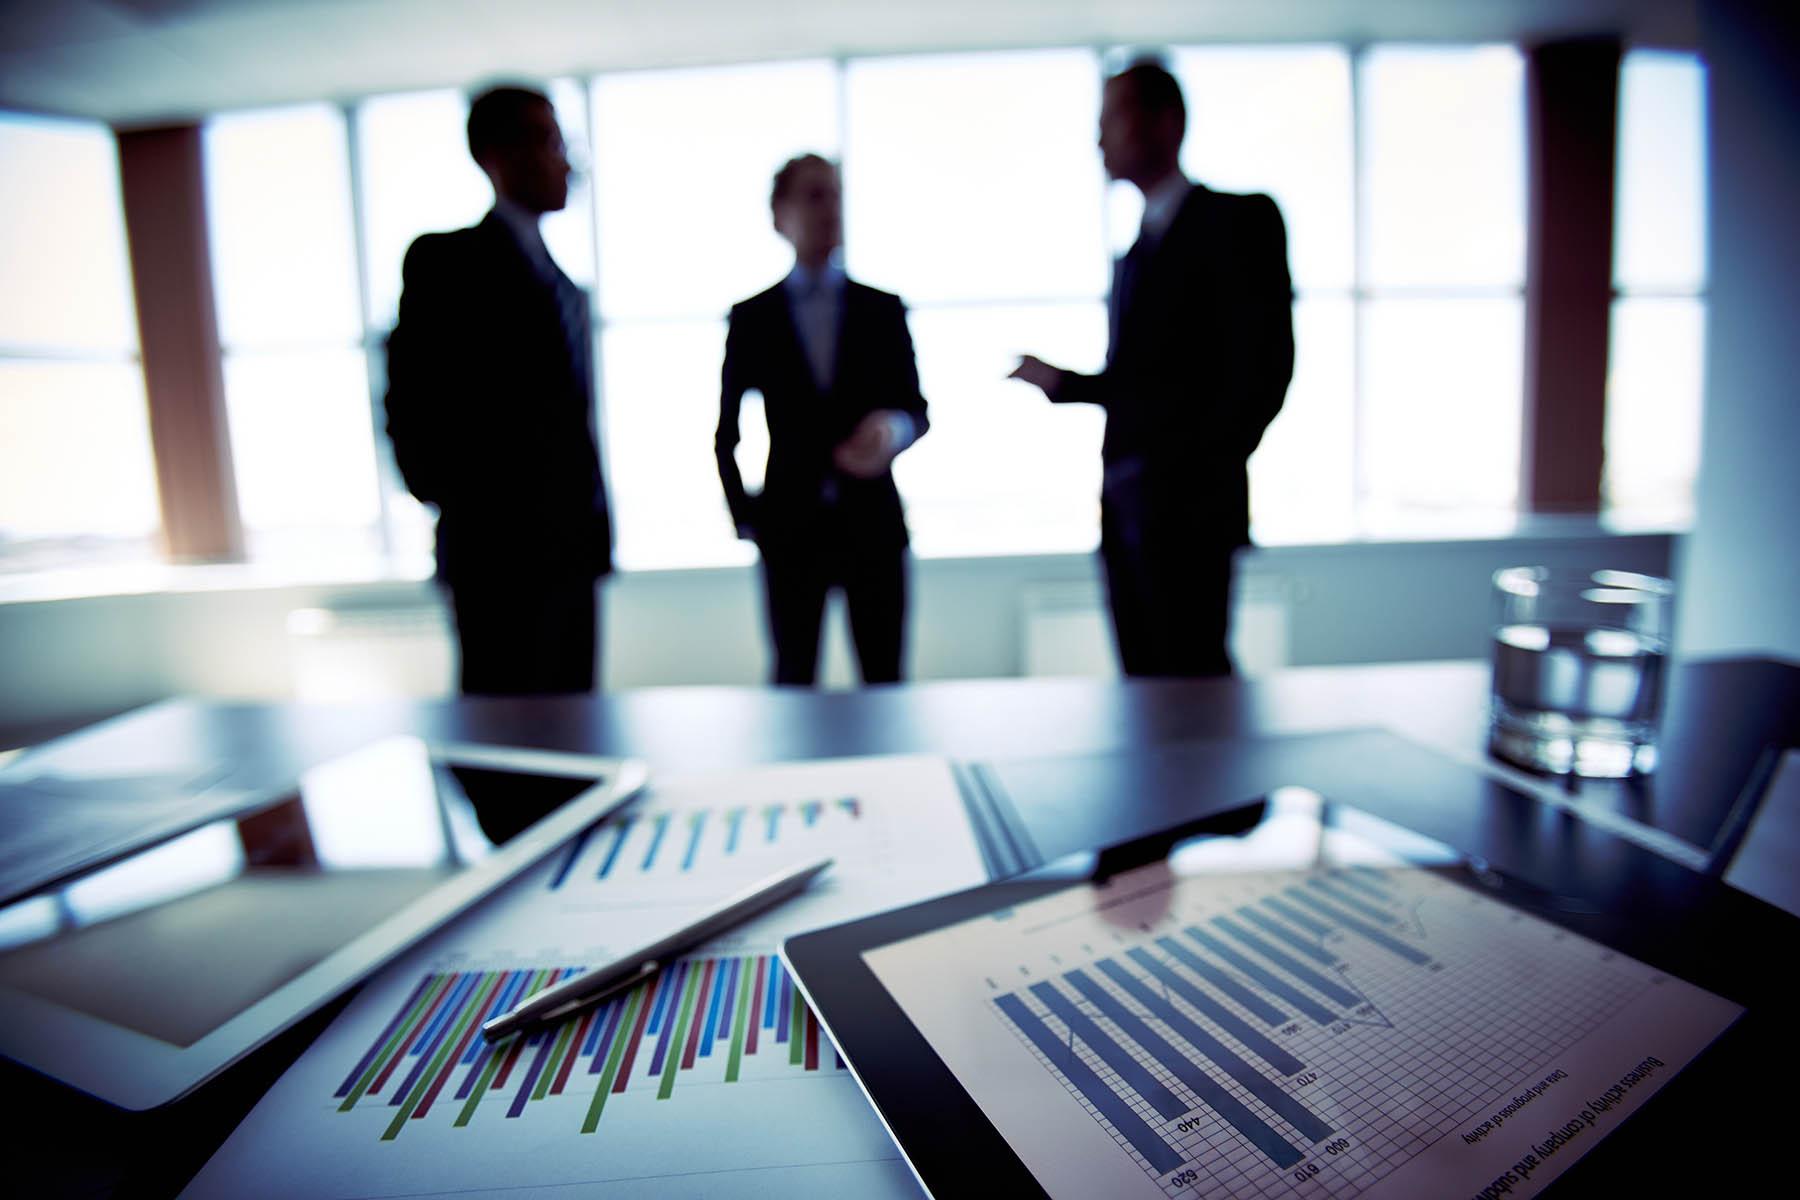 Wirtschaftsdetektive ermitteln bei Industriespionage und Werkspionage